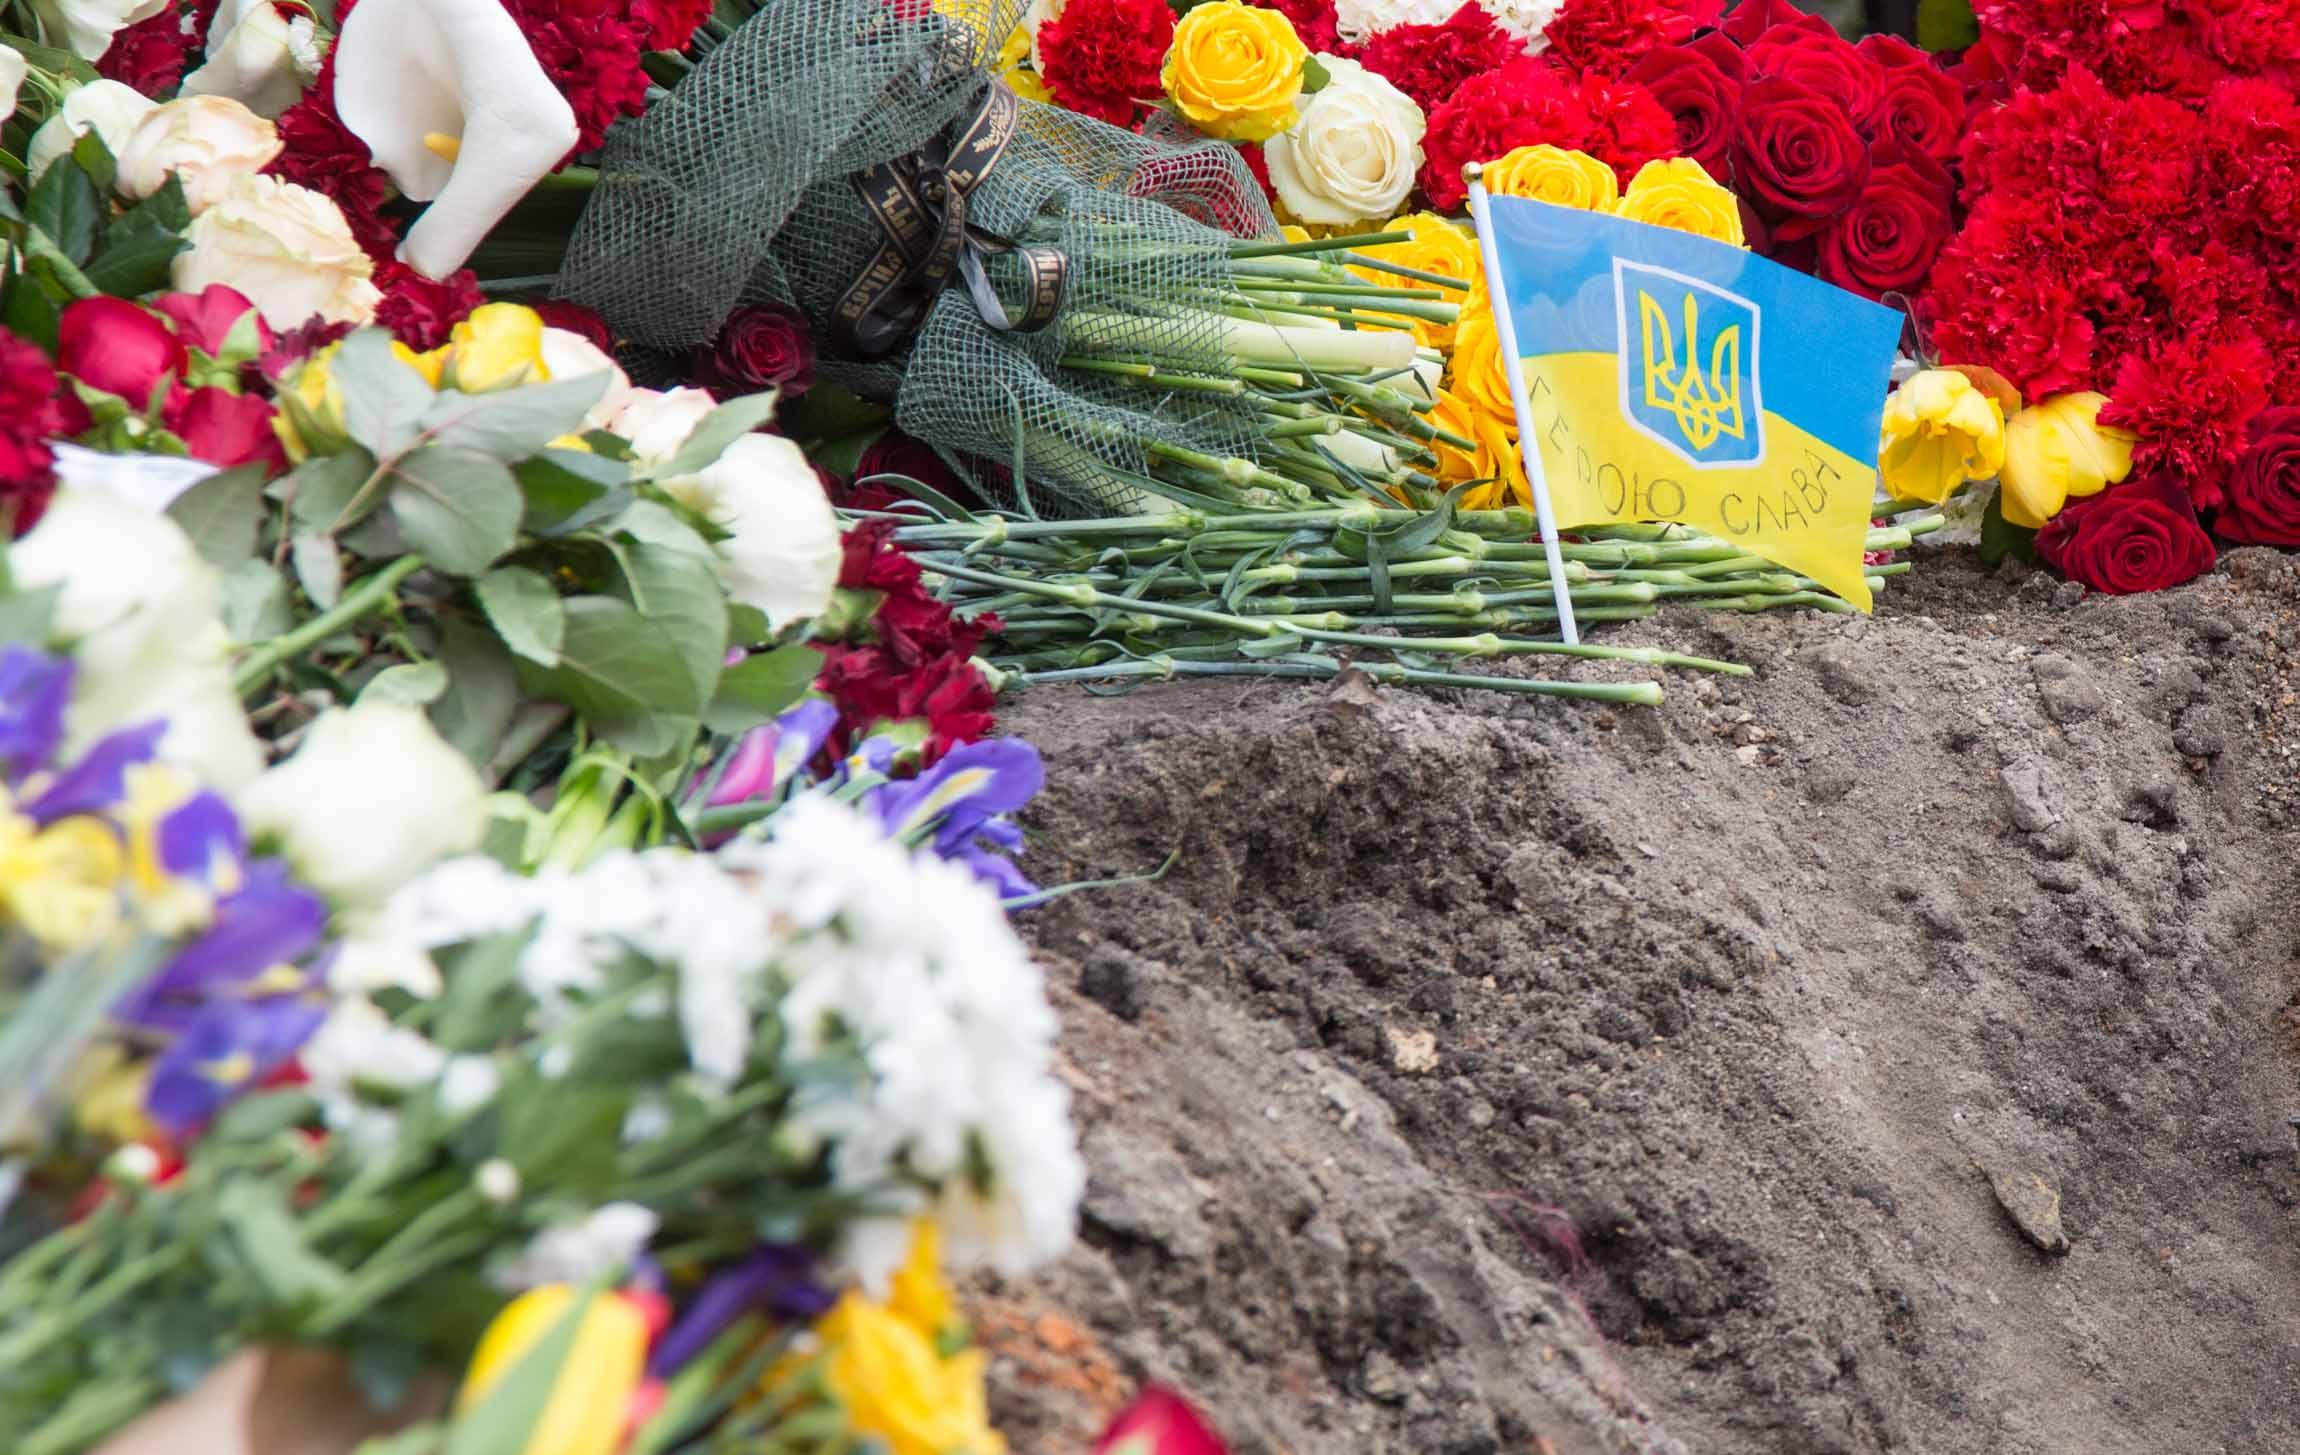 Светлая память! Умер самый известный украинец мира — он навсегда останется в наших сердцах